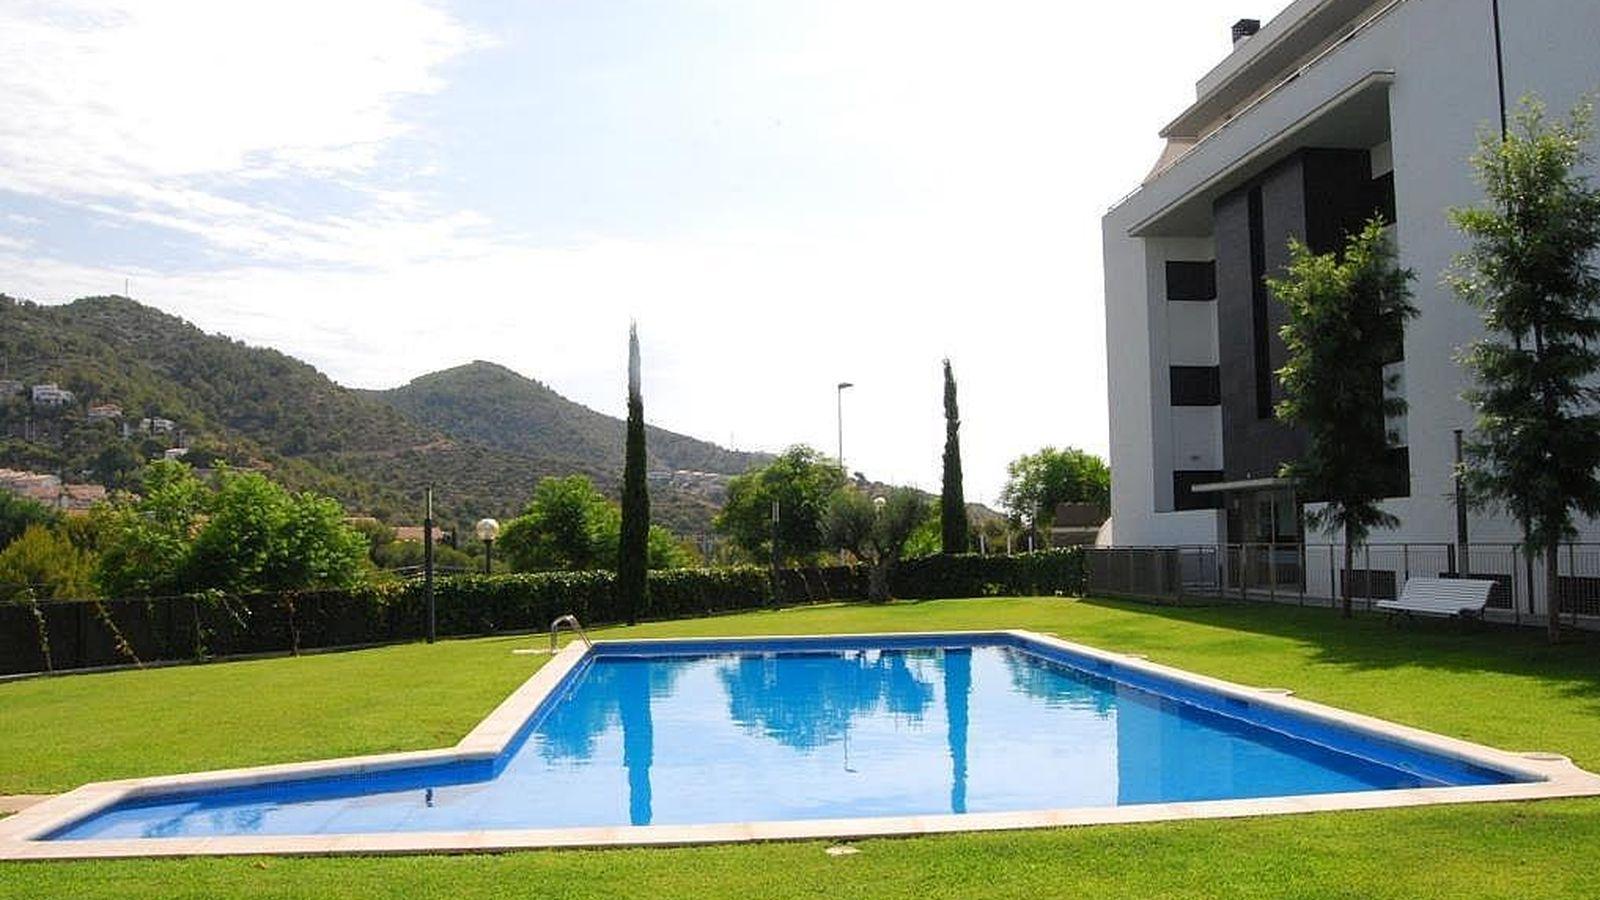 Vivienda vivo de alquiler en un piso con piscina y a los vecinos les molesta que traiga amigos - Pisos con piscina en barcelona alquiler ...